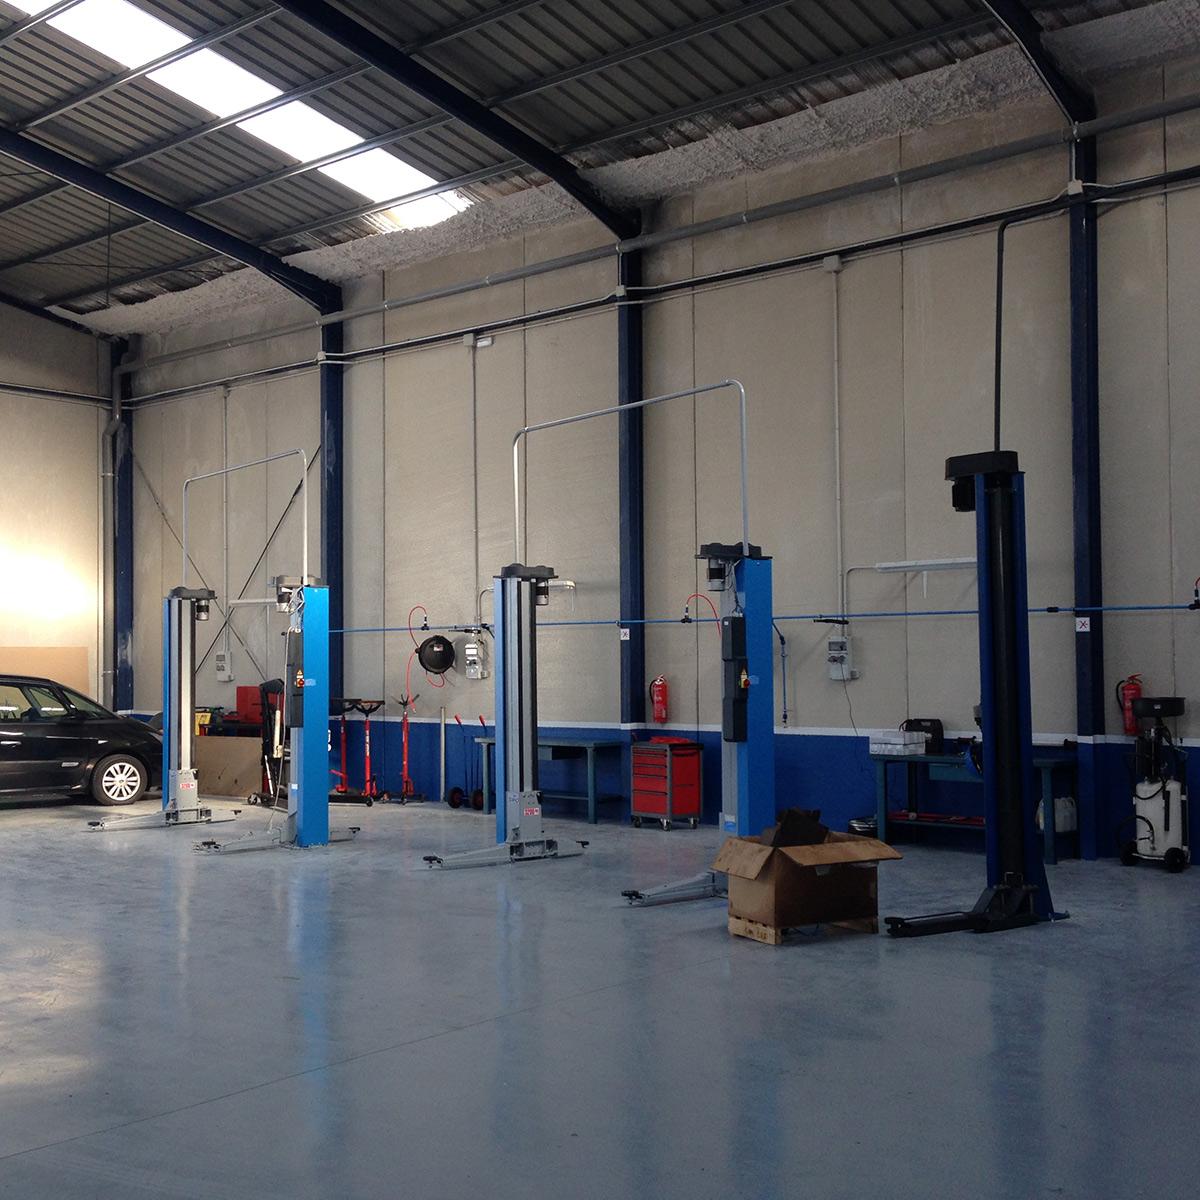 instalaciones-electricidad-ginsatel-murcia-alta-baja-tension-2